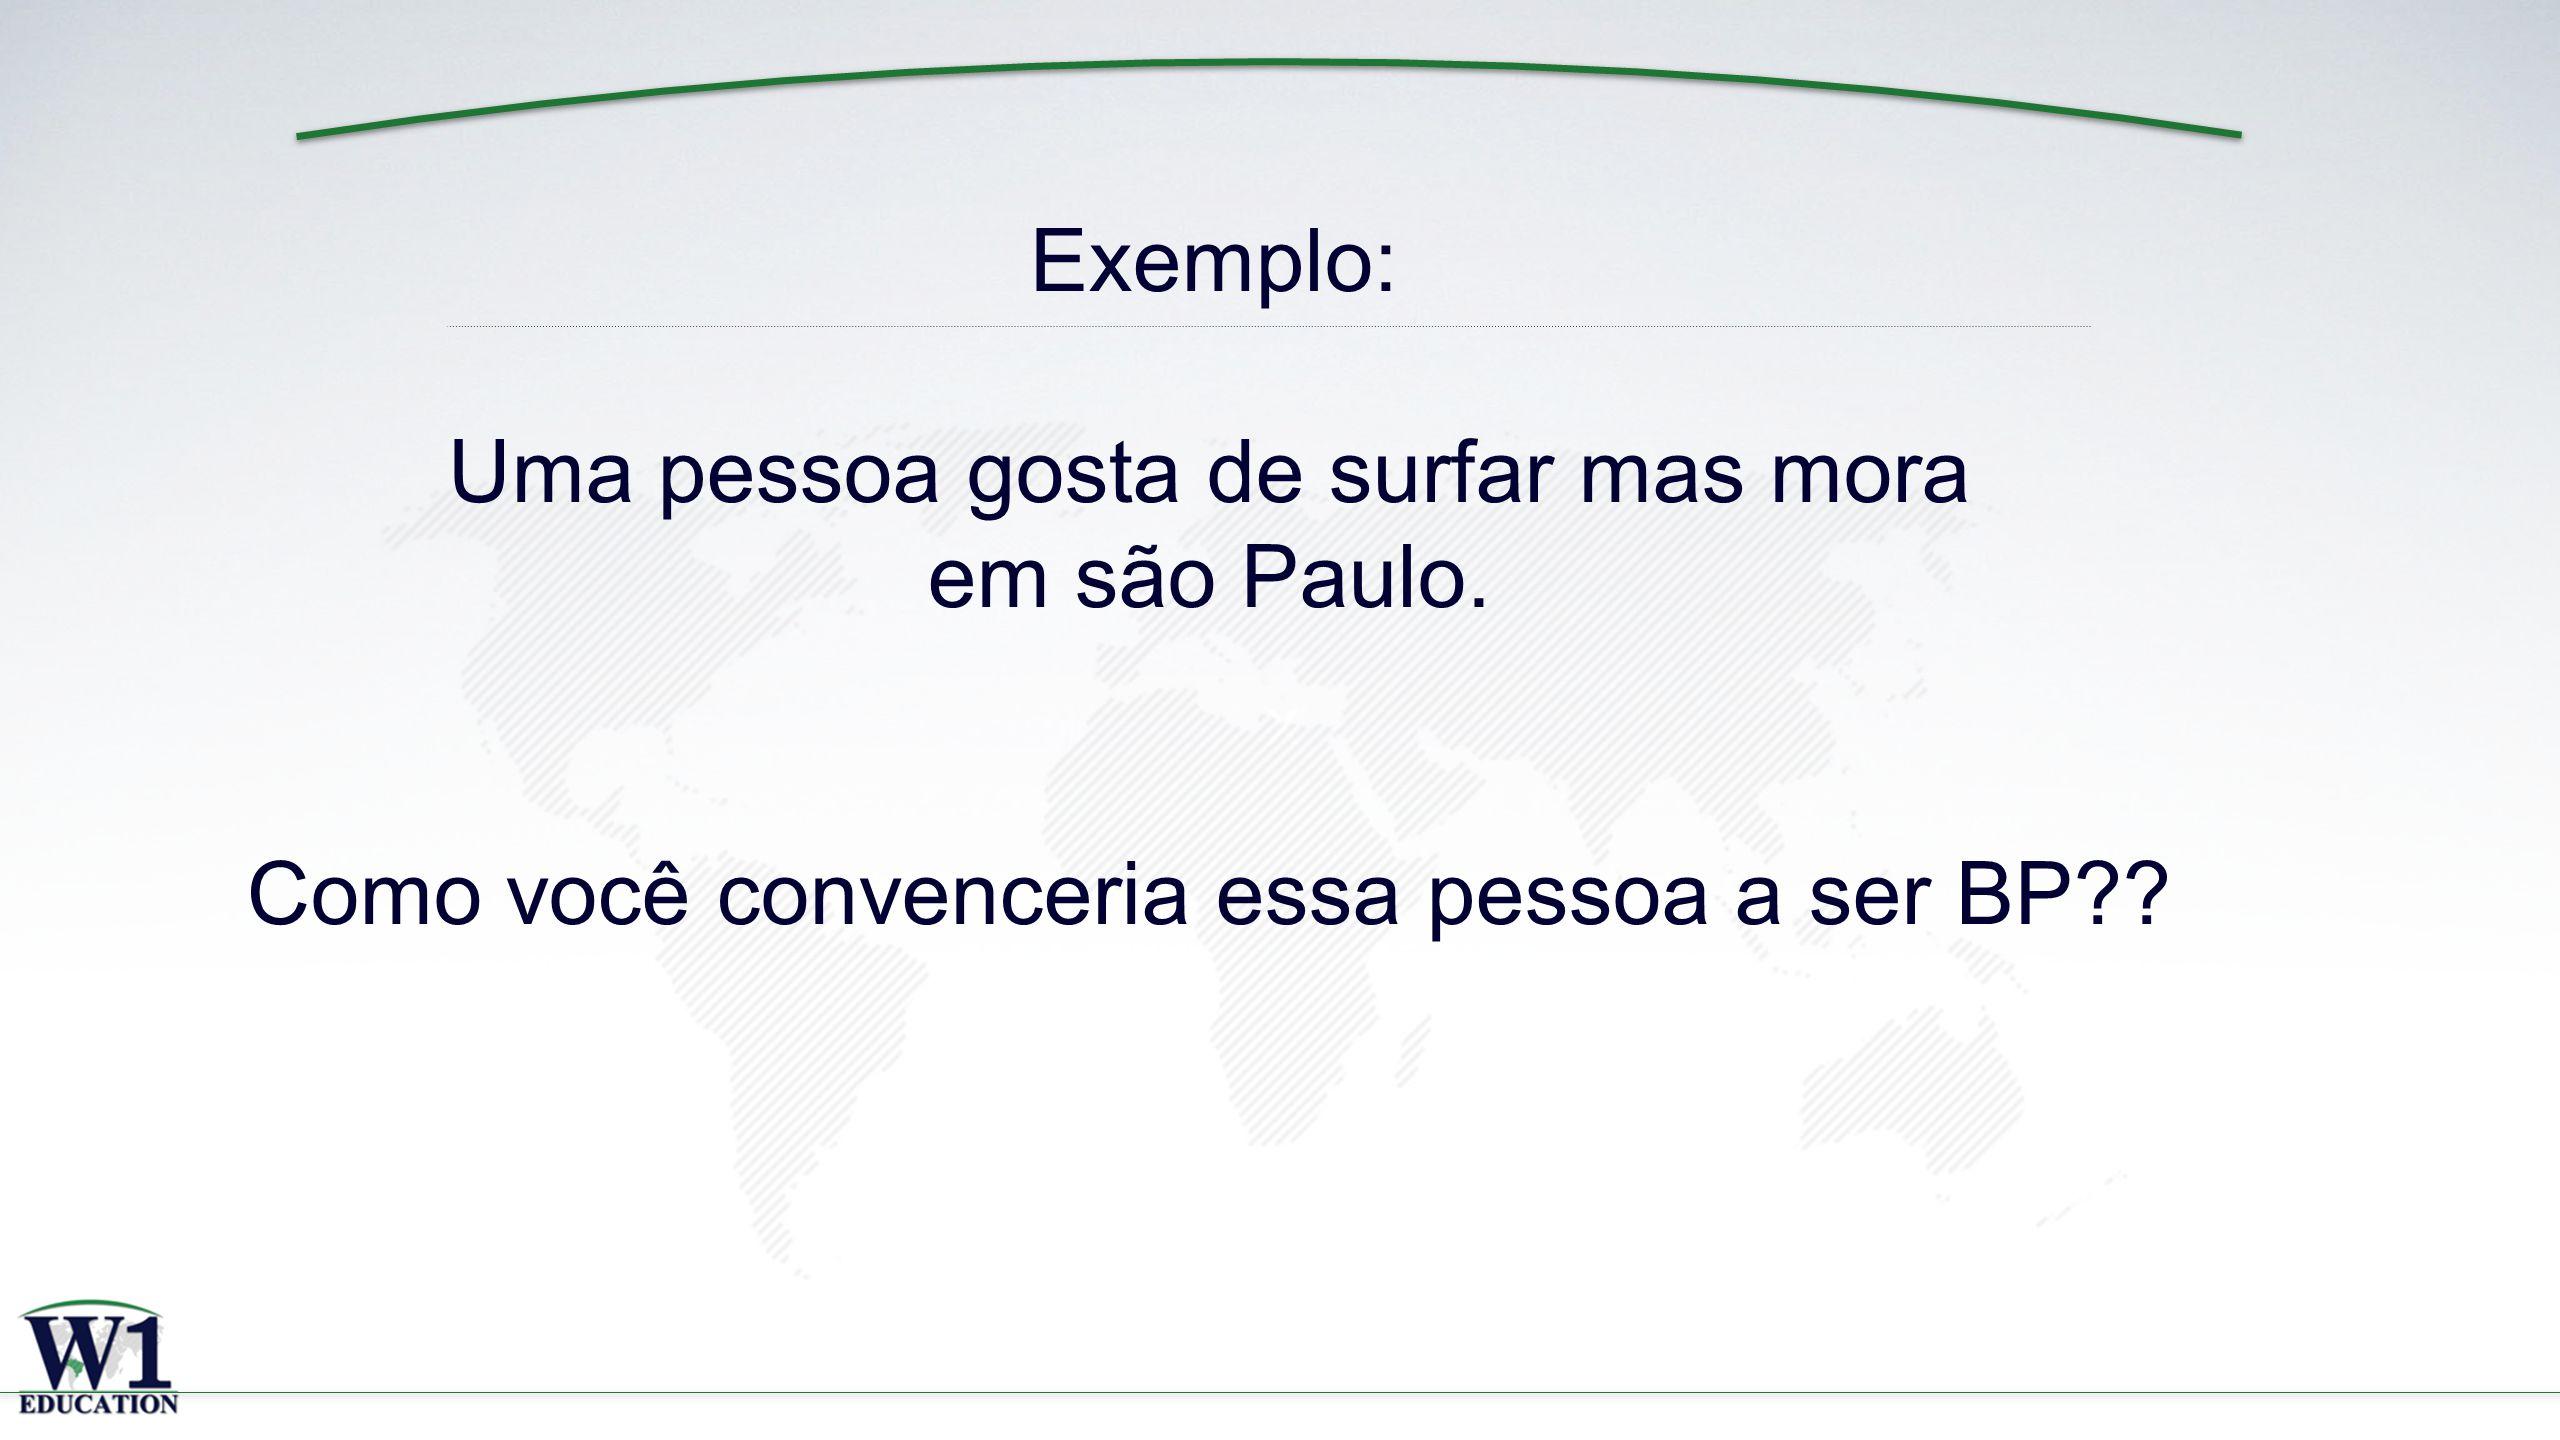 x Exemplo: Uma pessoa gosta de surfar mas mora em são Paulo.